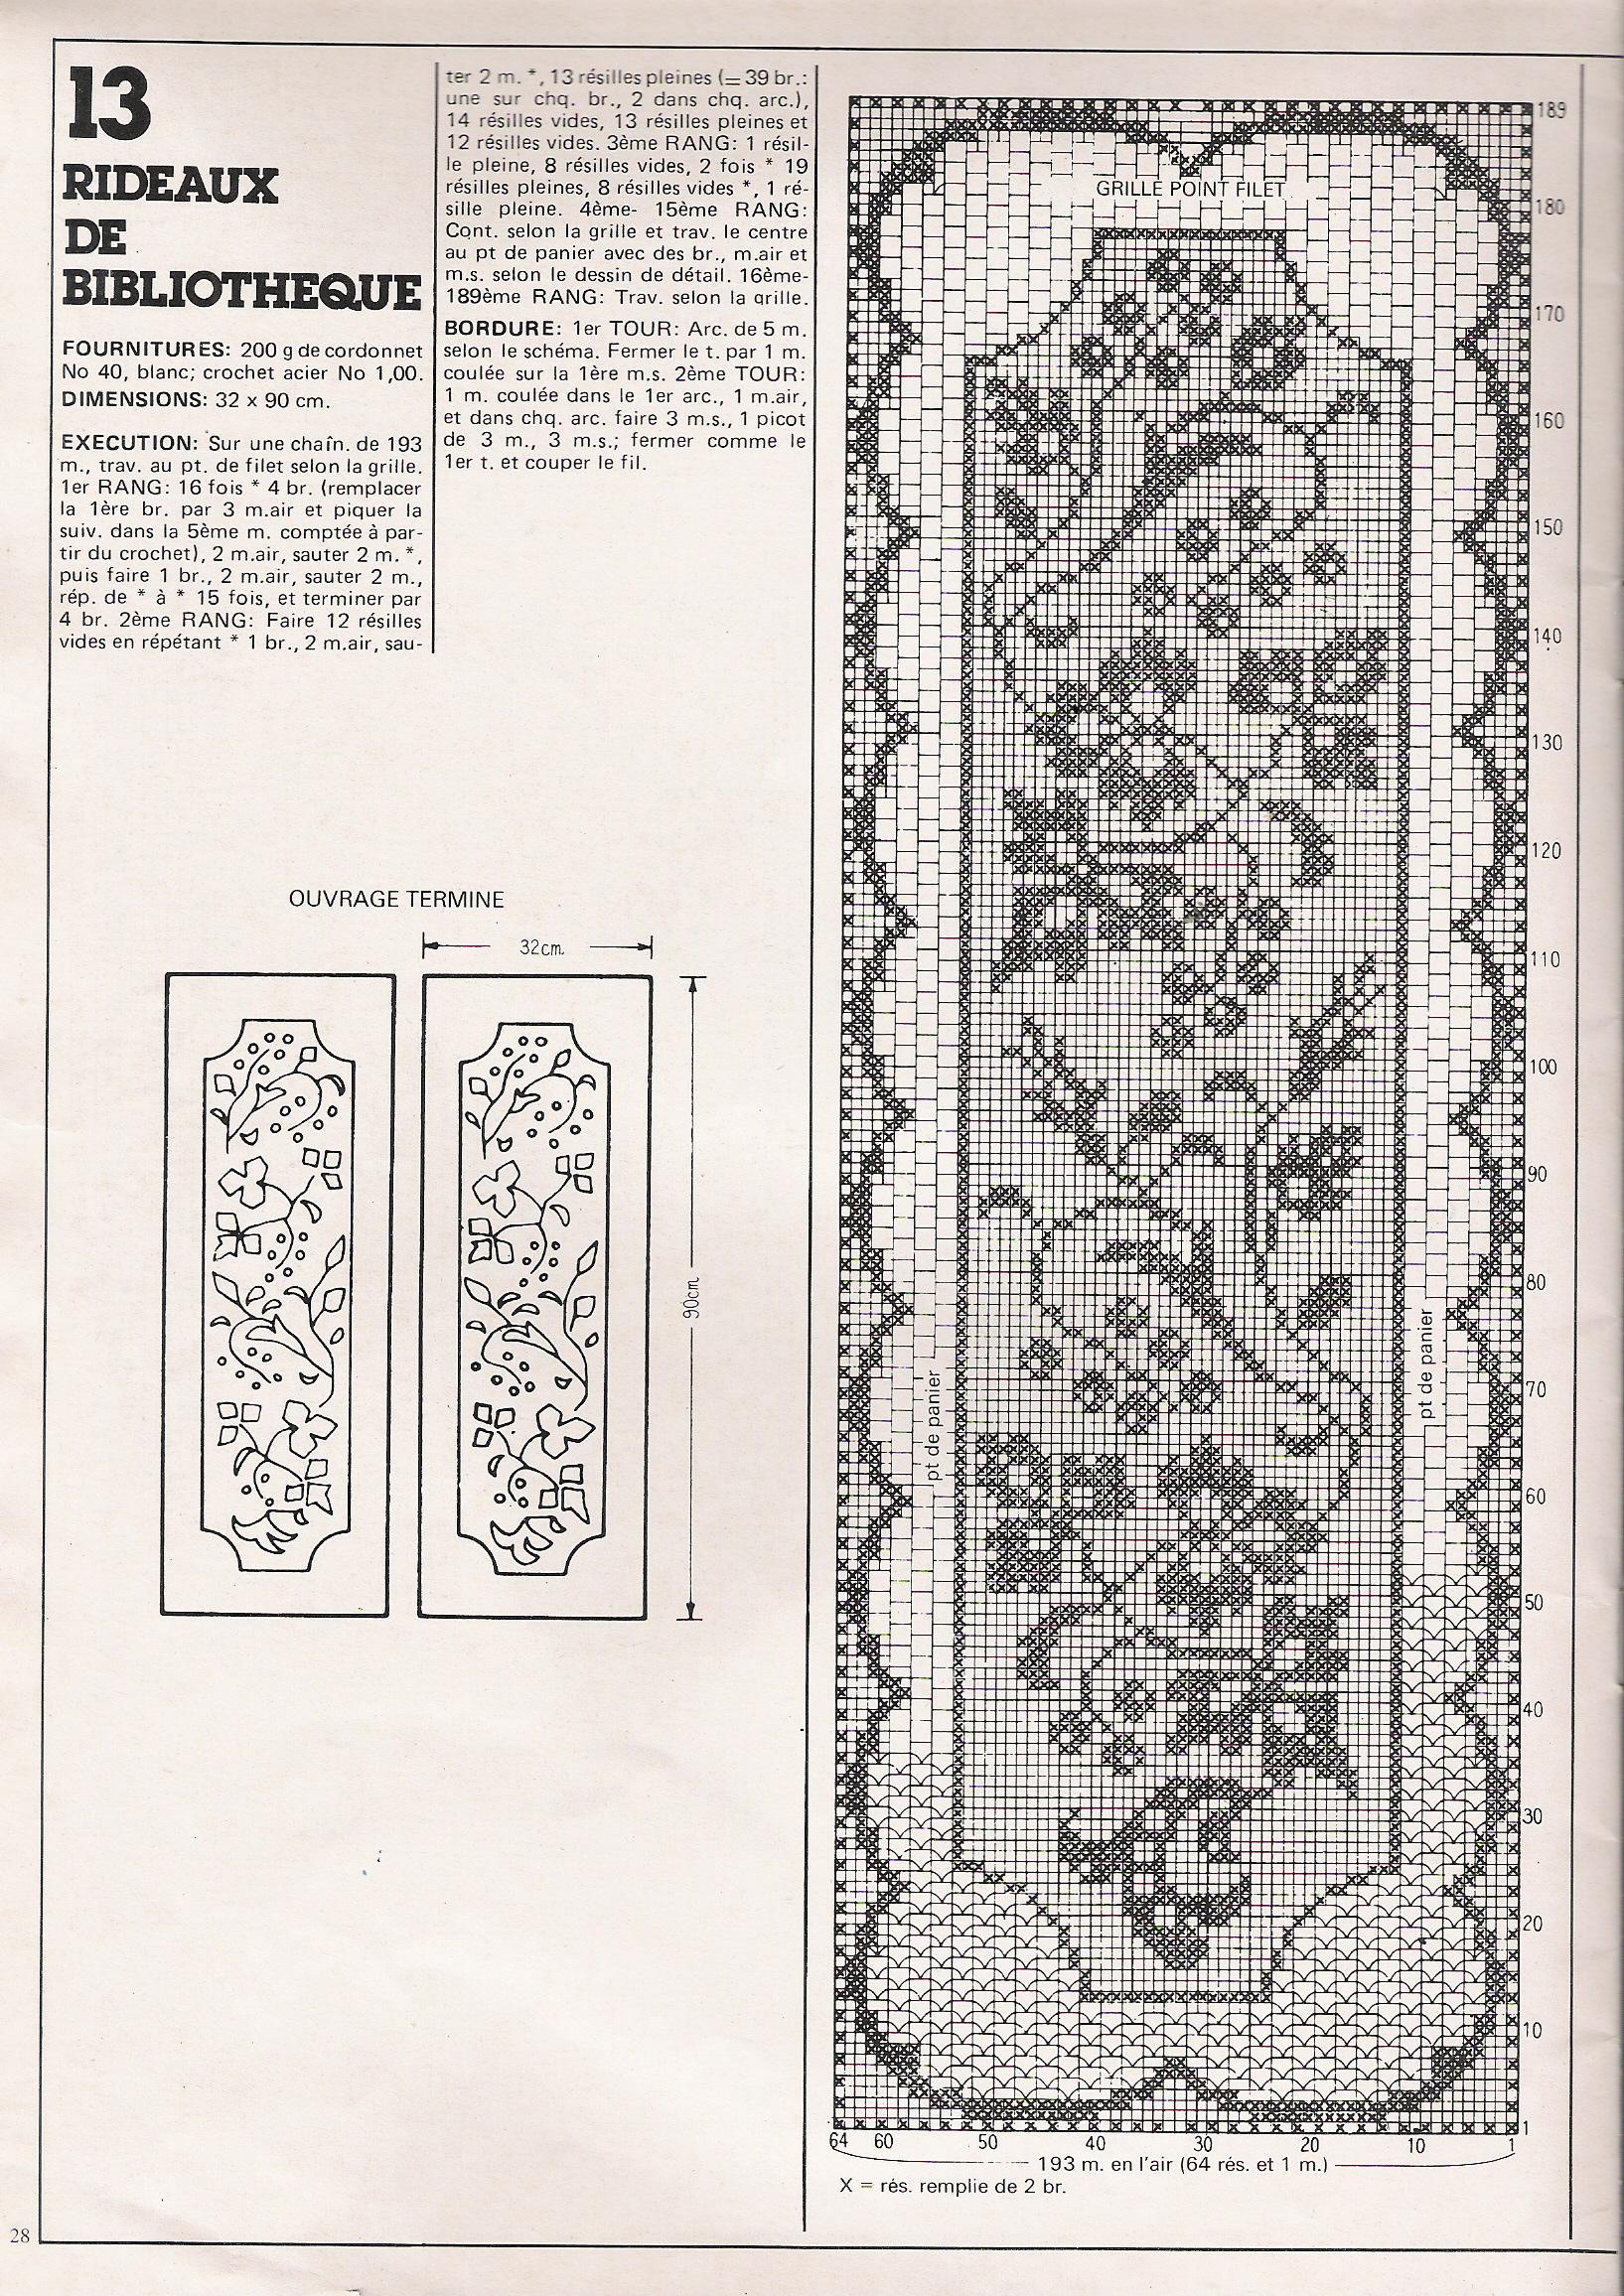 grille gratuite pour rideaux au crochet. Black Bedroom Furniture Sets. Home Design Ideas